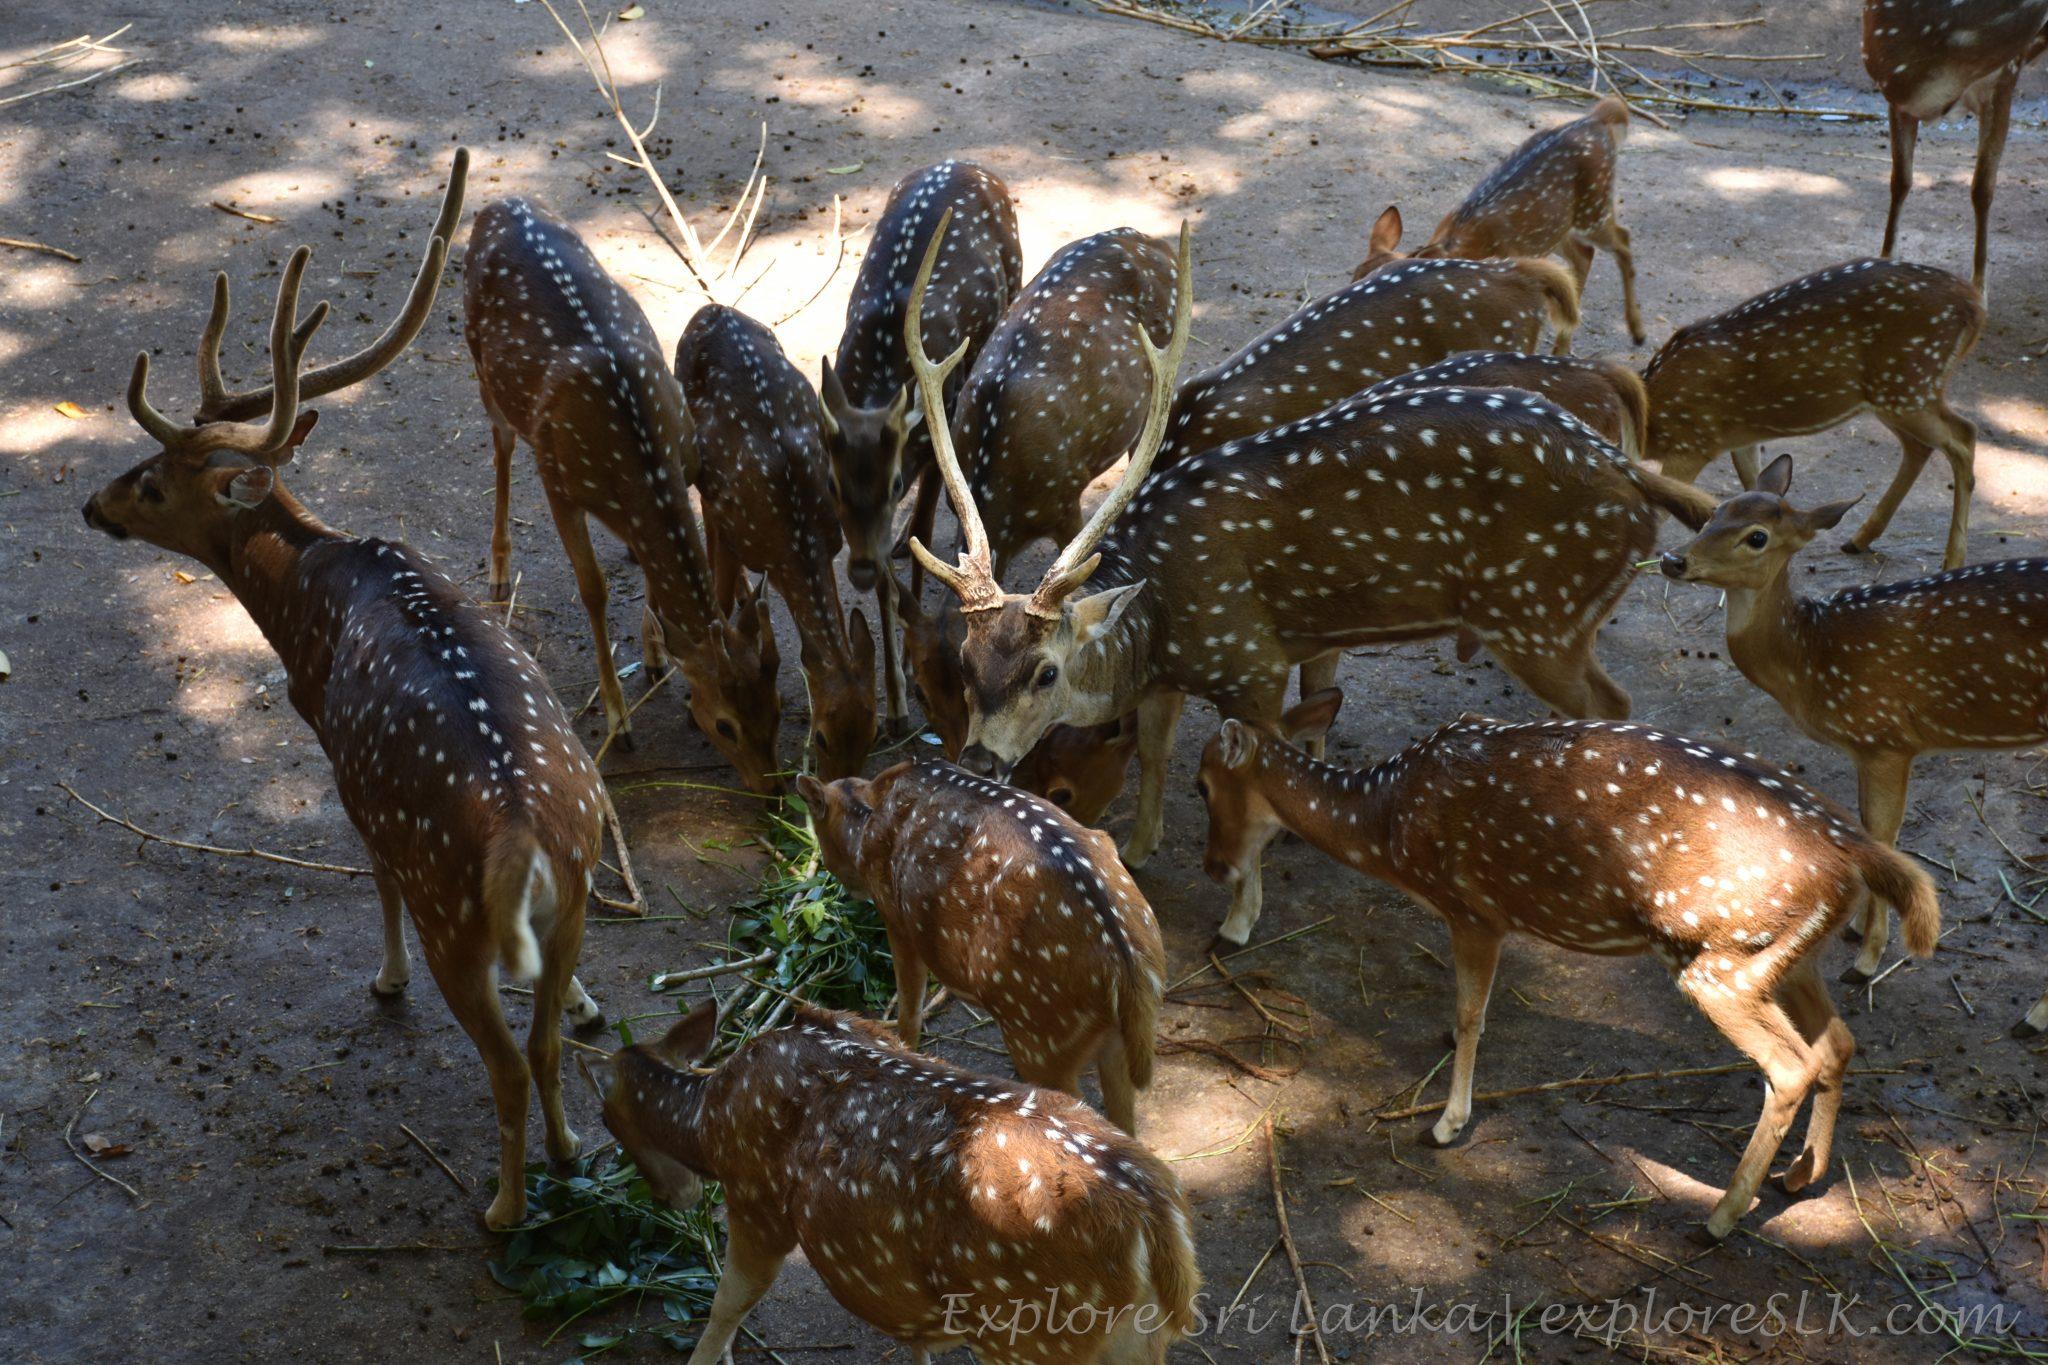 Deers having lunch at Dehiwala Zoo